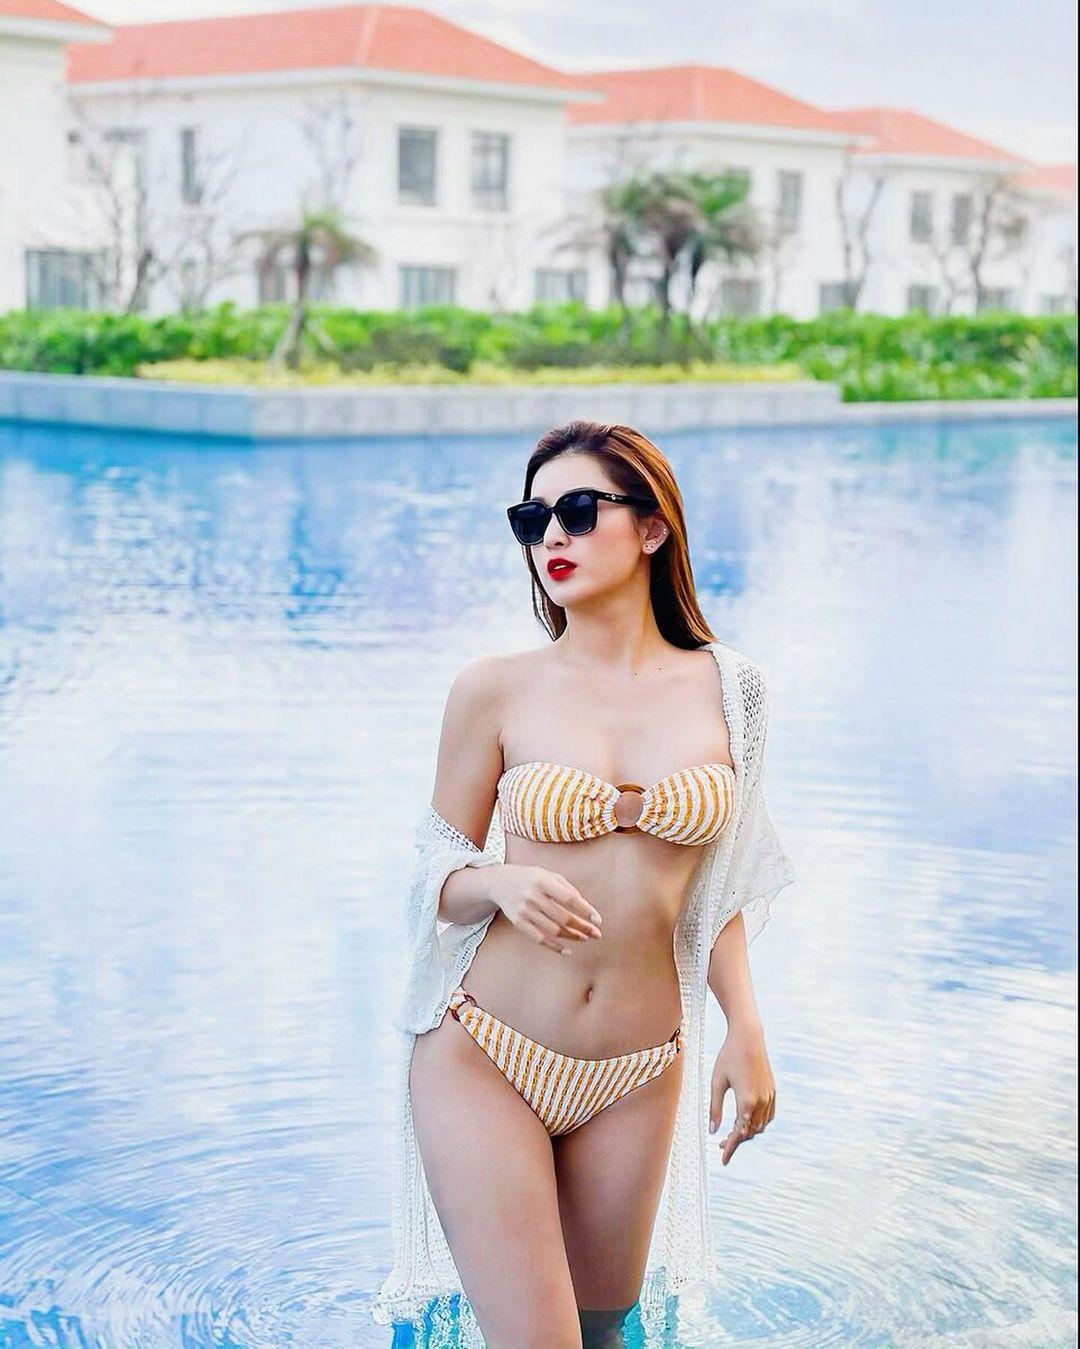 """Cô gái Việt được báo xứ Trung tung hô có khuôn ngực đẹp như """"đệ nhất vòng 1"""" nước này - hình ảnh 4"""